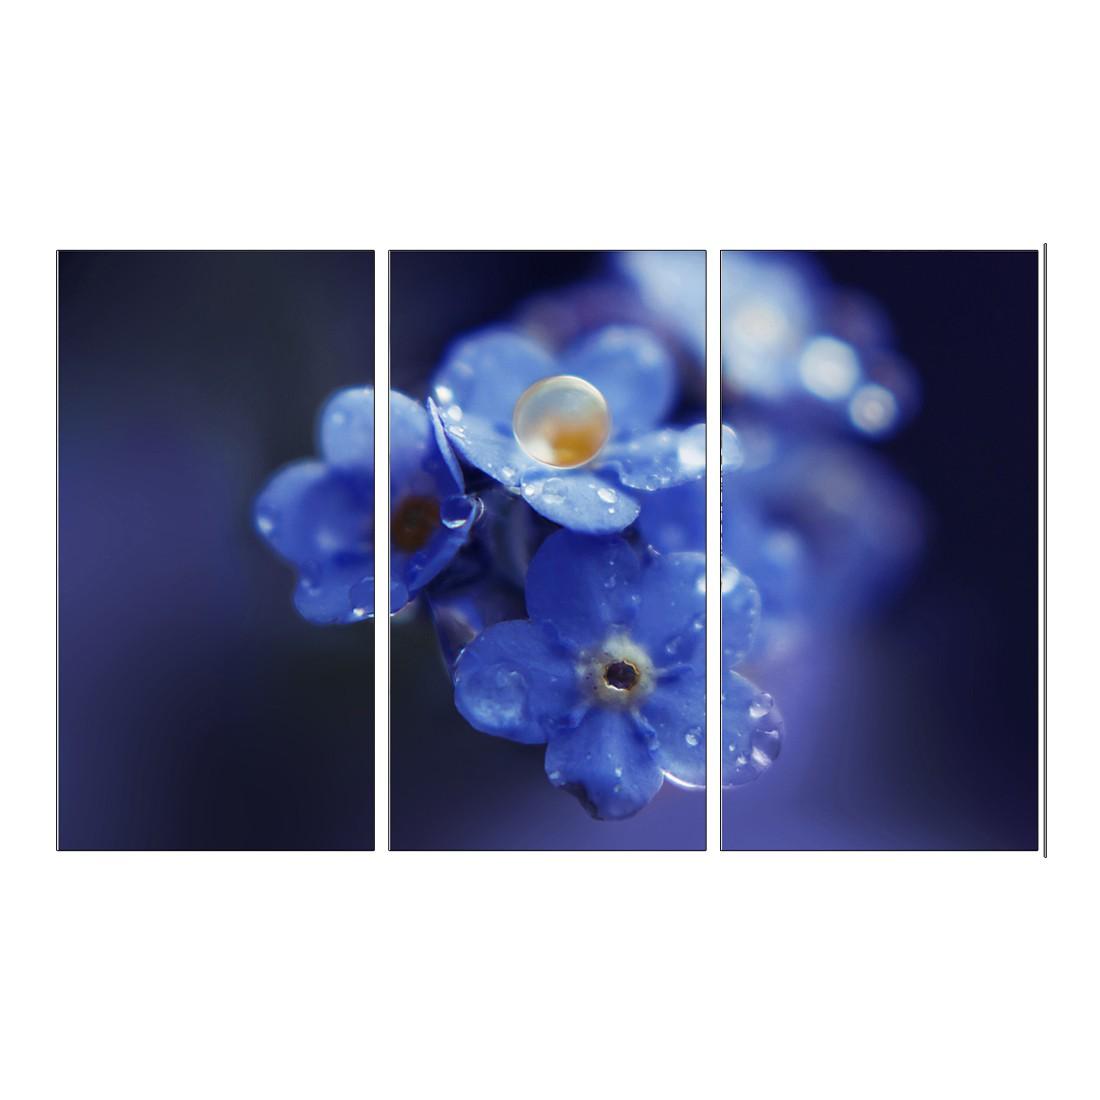 Leinwandbild BLUE WATERDROP FLOWERS  – Abmessung 130 x 80 cm, Gallery of Innovative Art jetzt bestellen